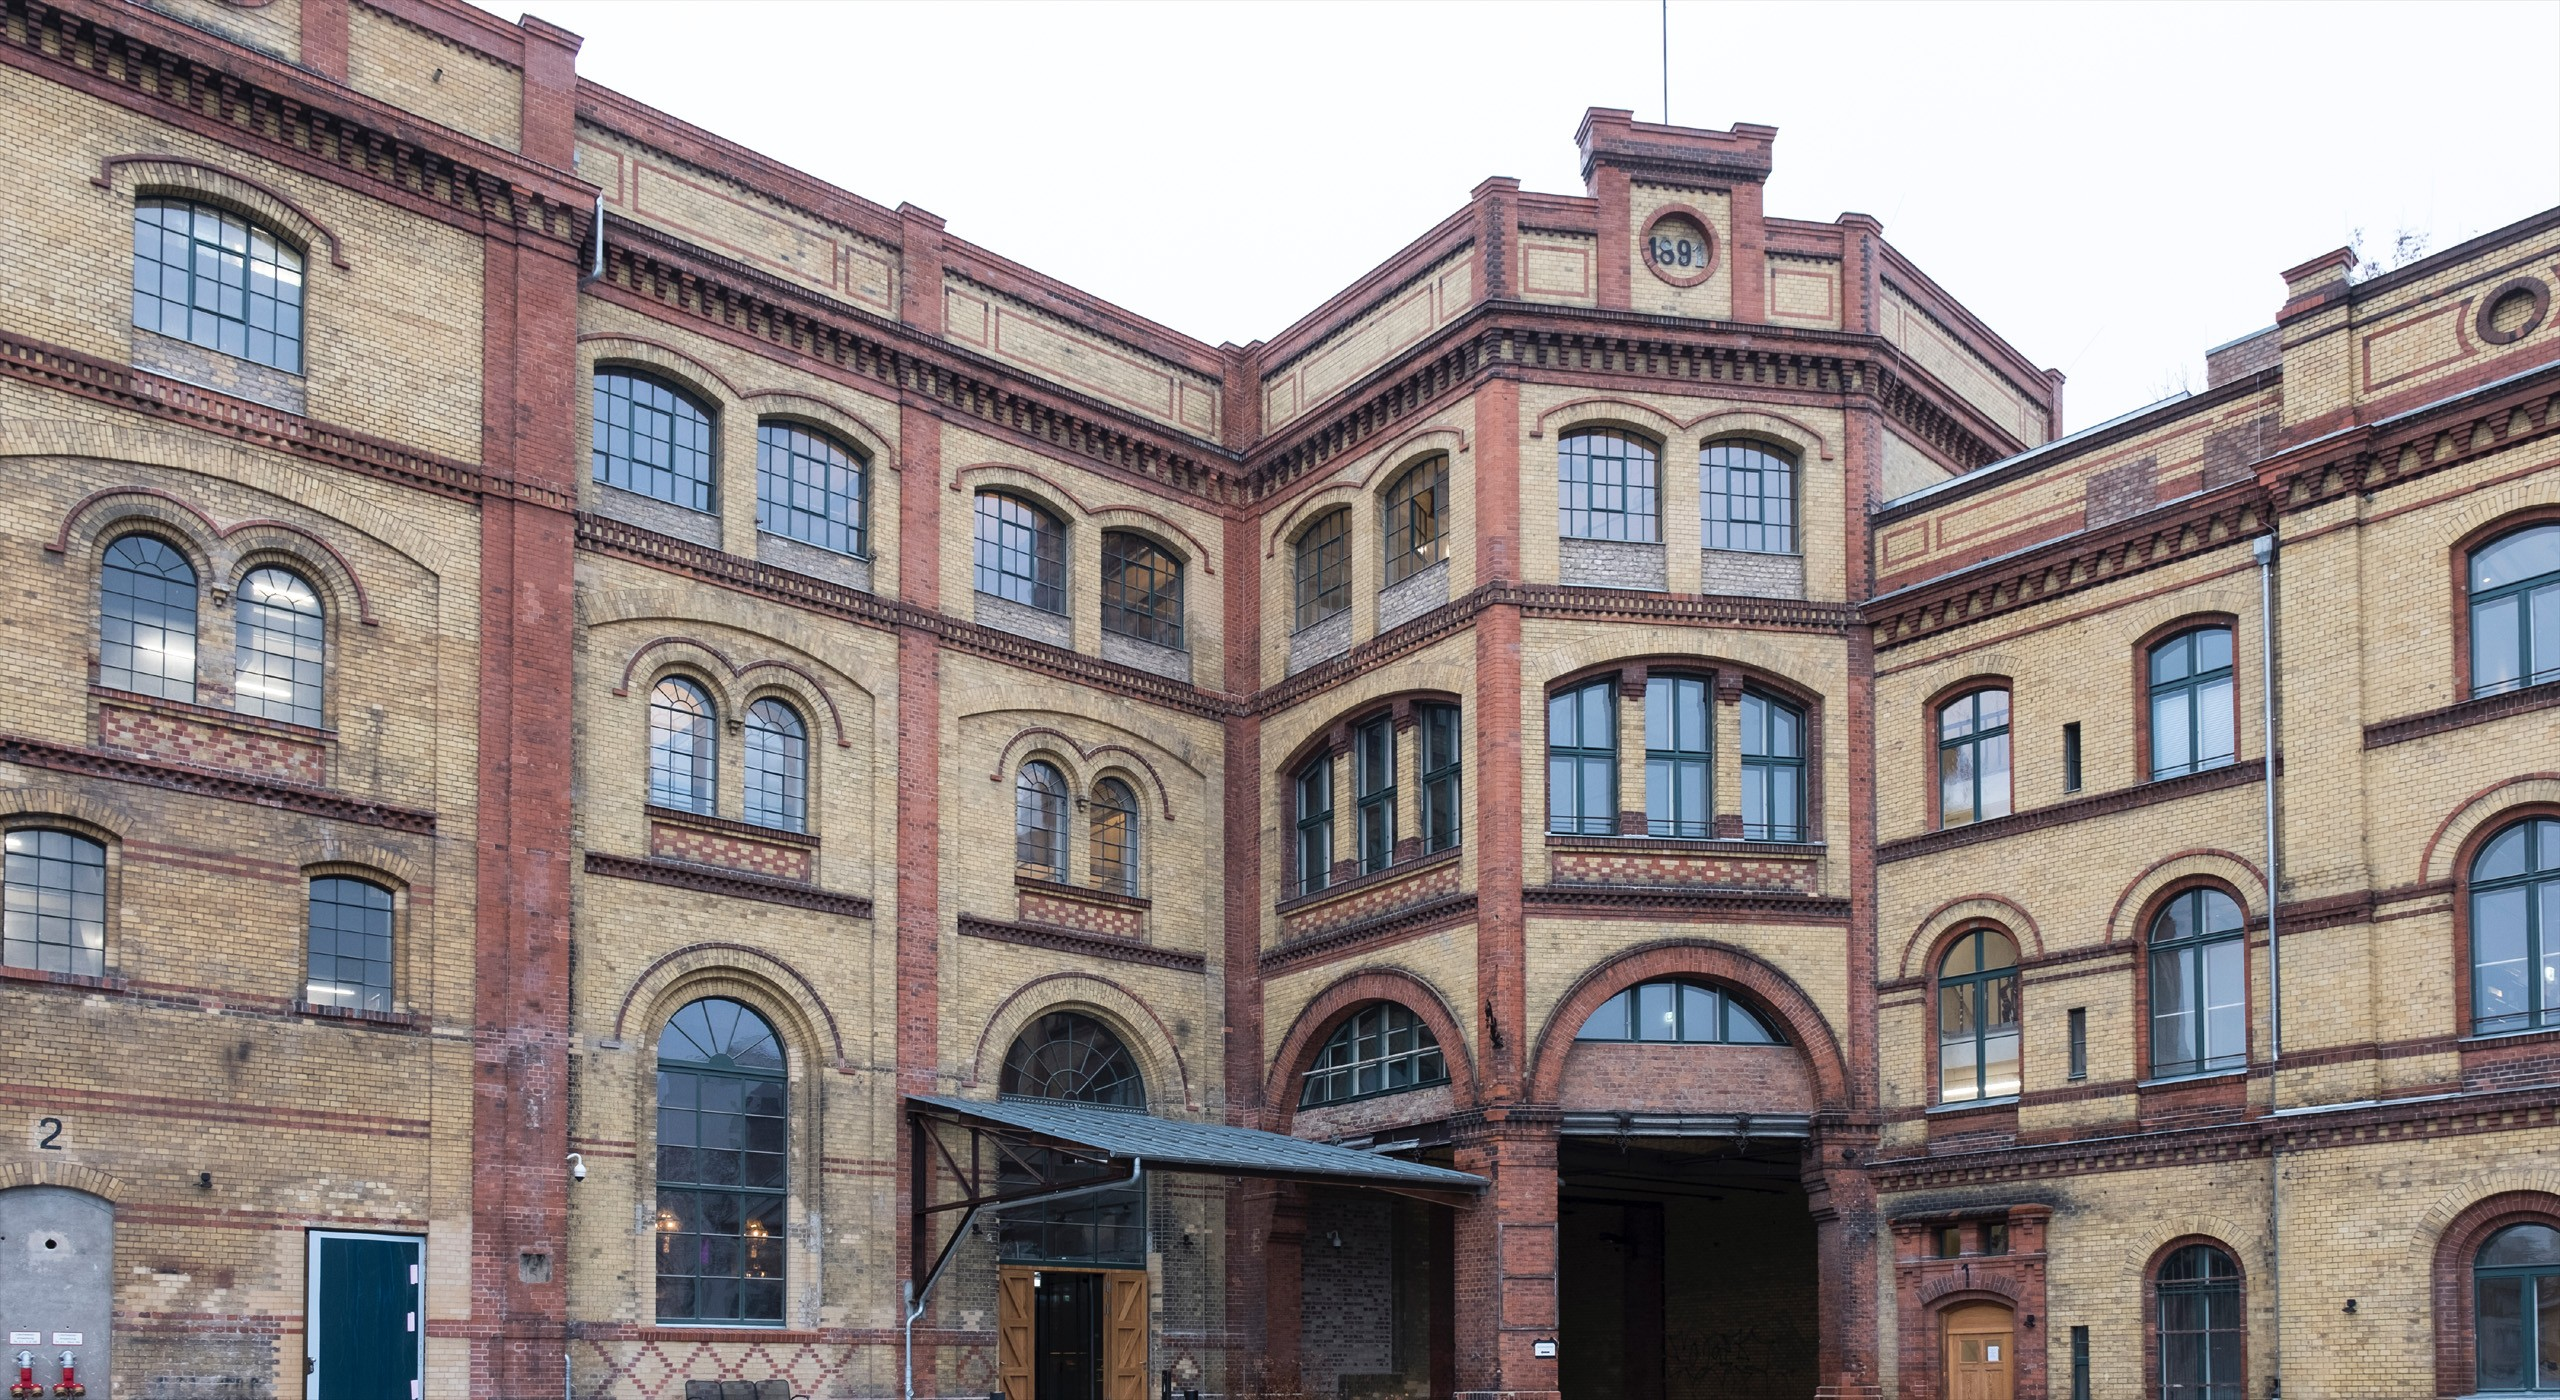 Außenansicht der ehemaligen Bötzow-Brauerei Berlin nach Sanierung, rot-gelbliche Backsteinfassade